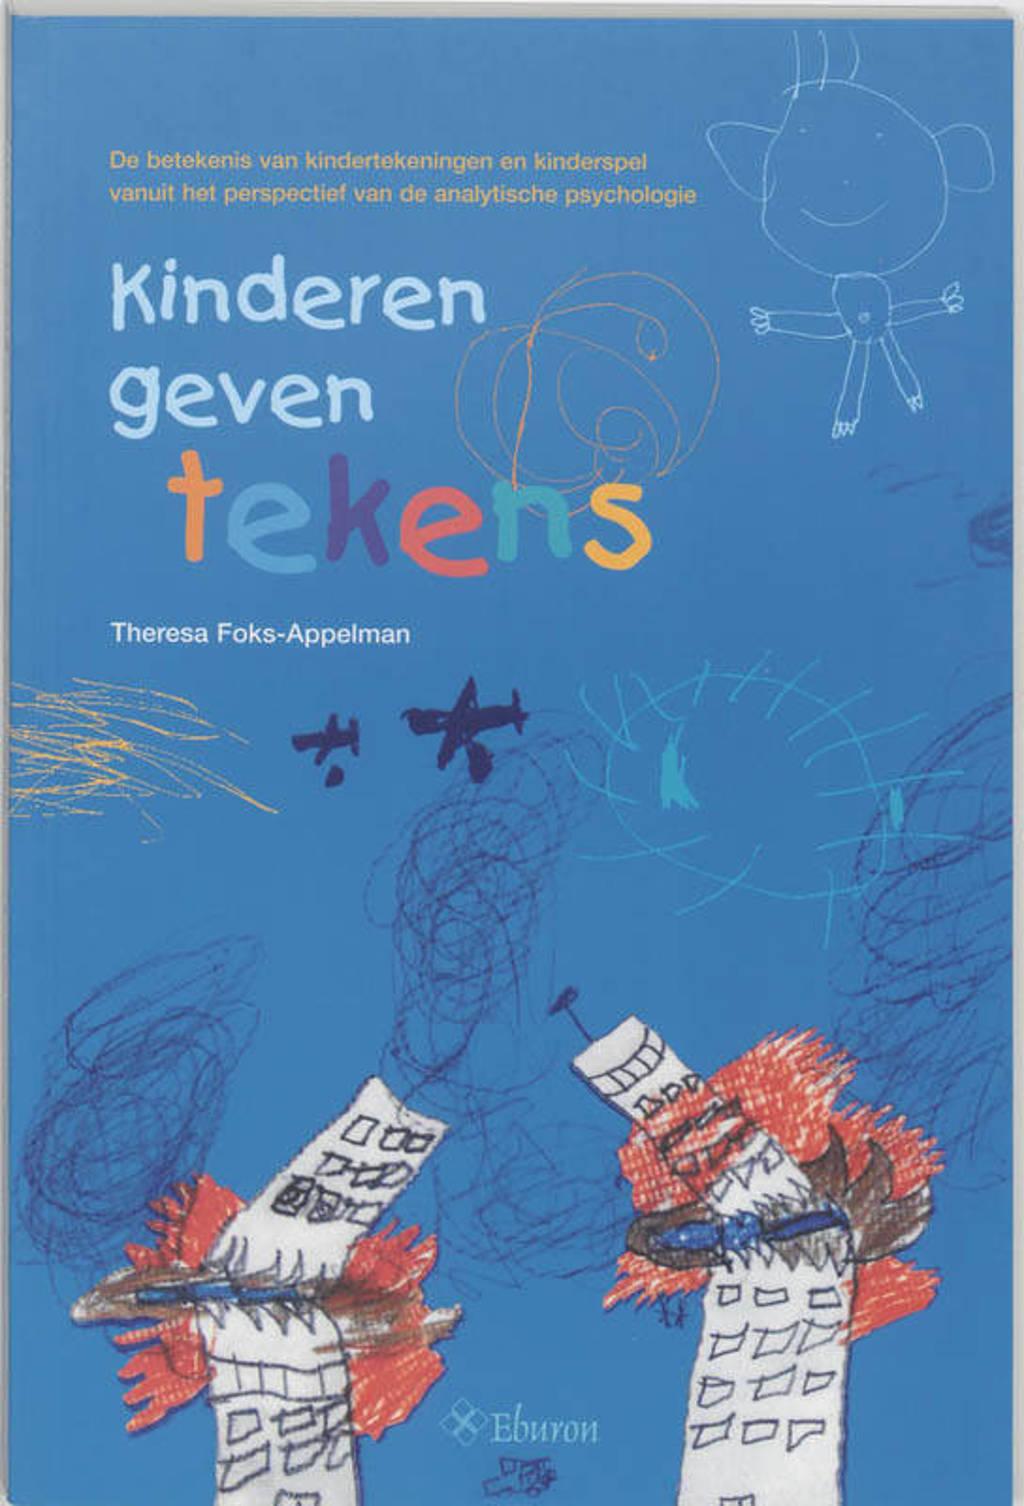 Kinderen geven tekens - Th. Foks-Appelman